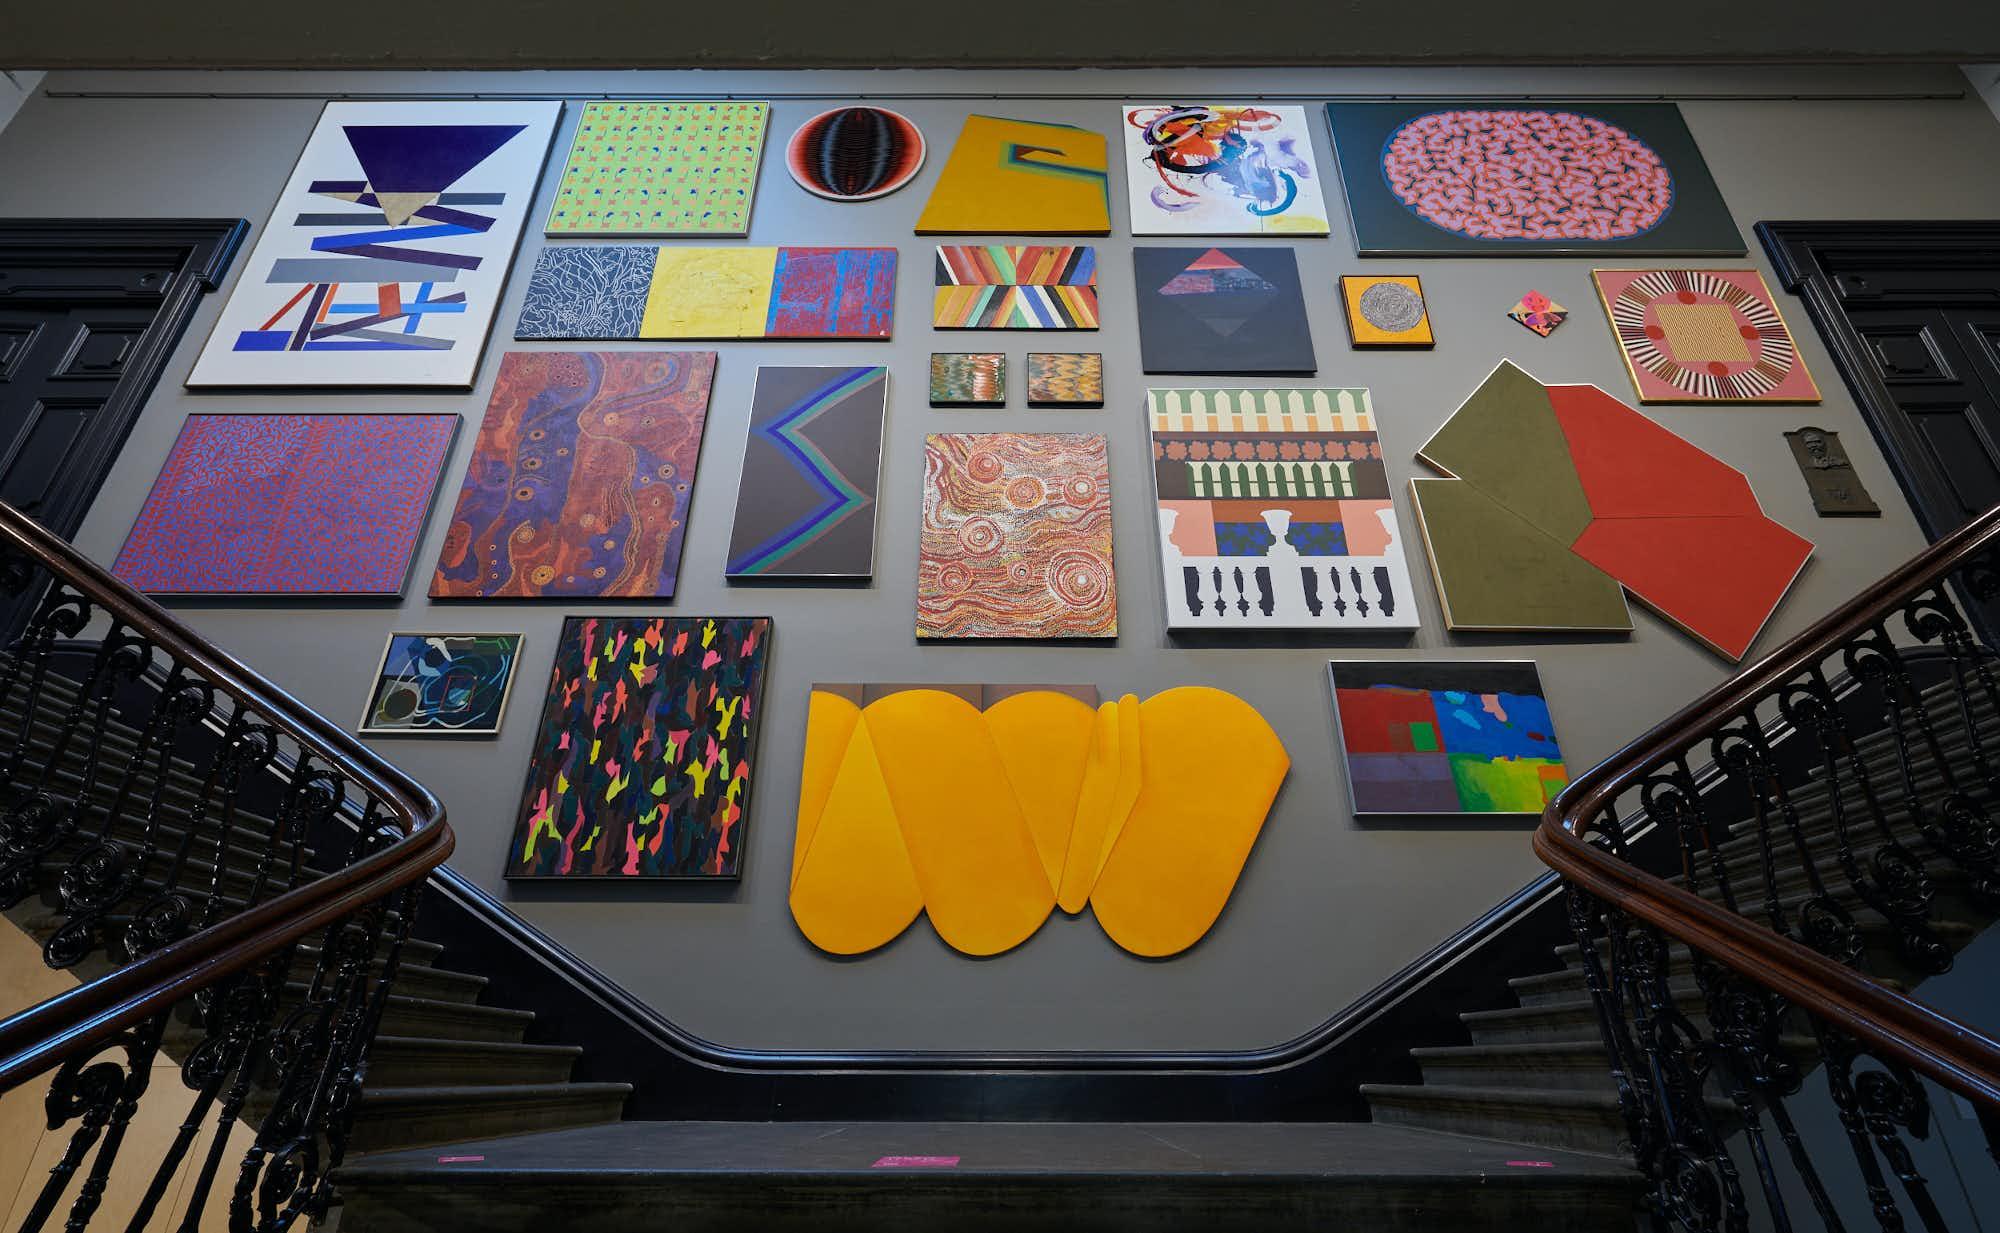 Staircase - Art Gallery Of Ballarat